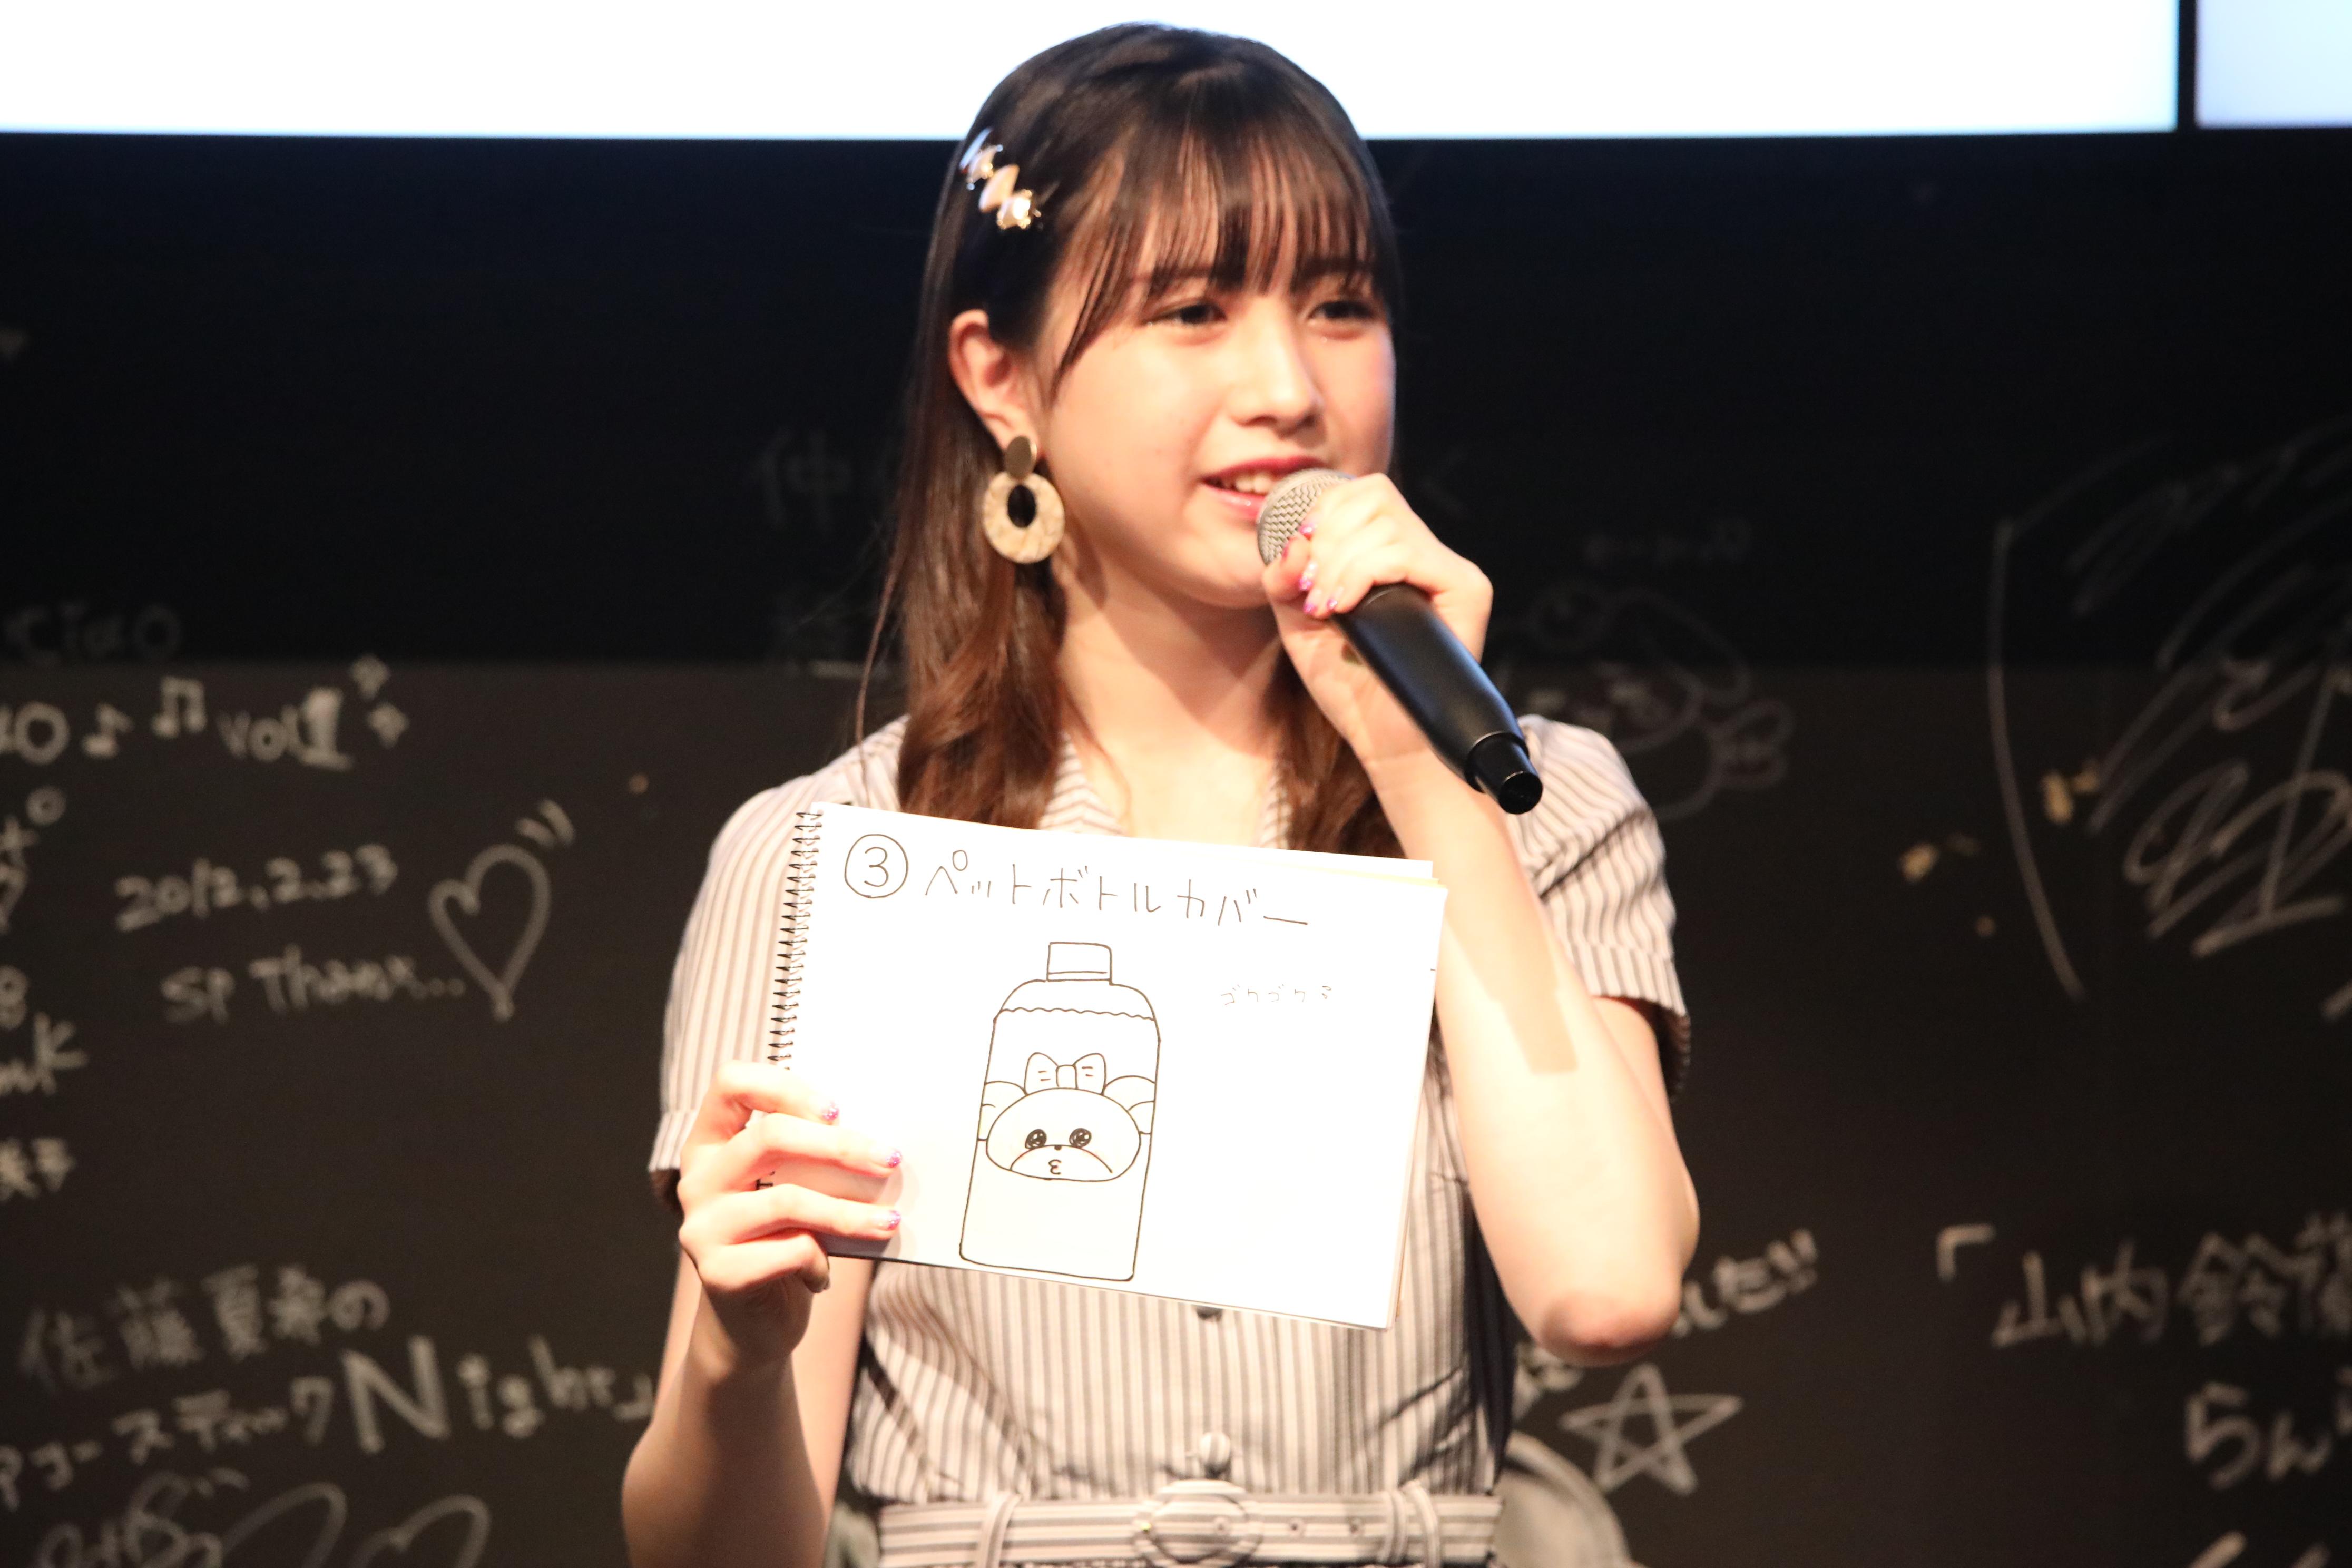 「ペットボトルカバー」を披露する永野芹佳